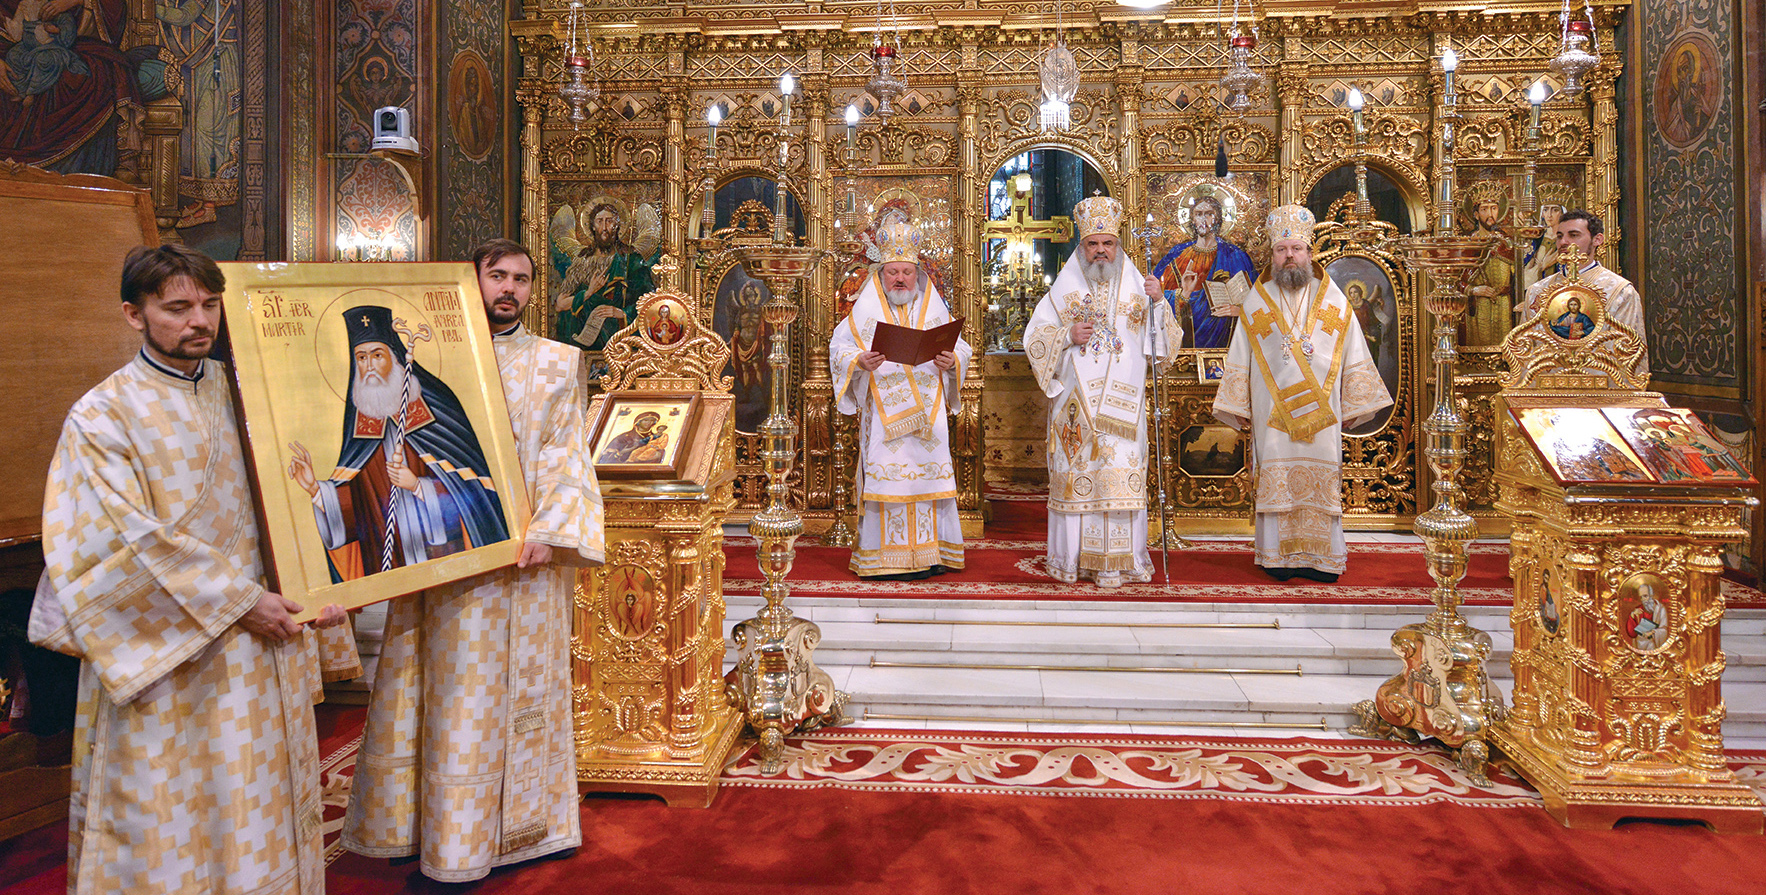 2016 – Anul omagial al educaţiei religioase a tineretului creştin ortodox şi Anul comemorativ al Sfântului Ierarh Martir Antim Ivireanul şi al tipografilor bisericeşti